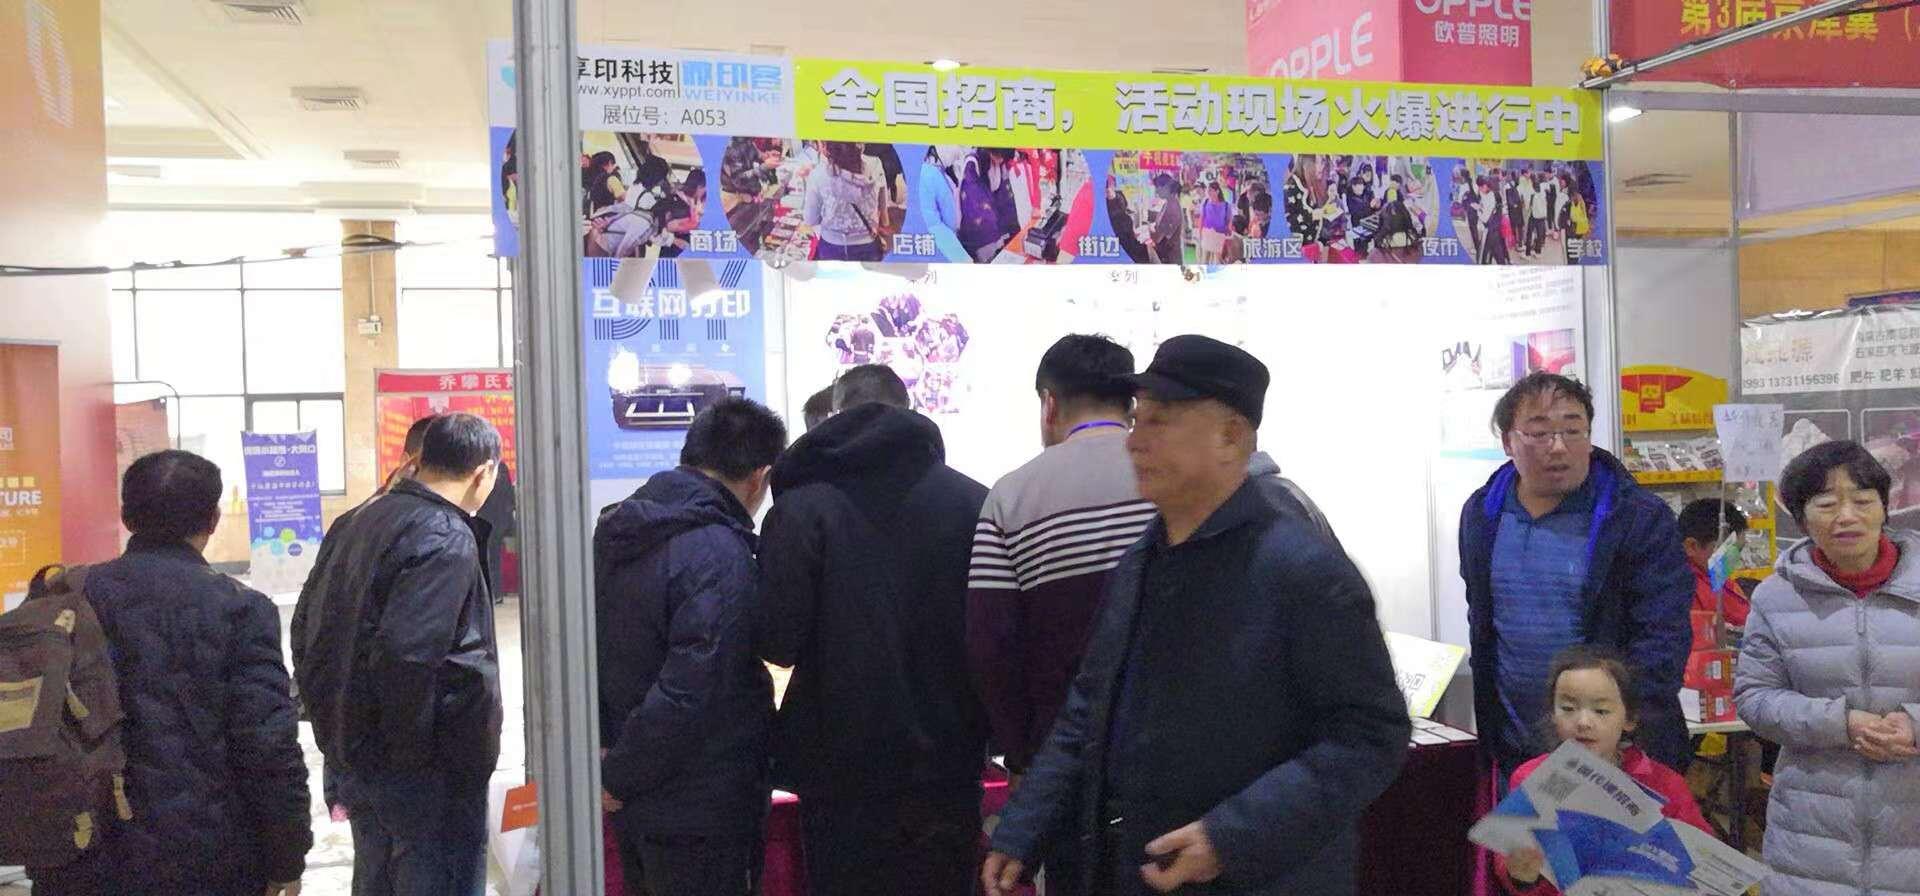 第14届华北石家庄连锁加盟及投资者博览会现场